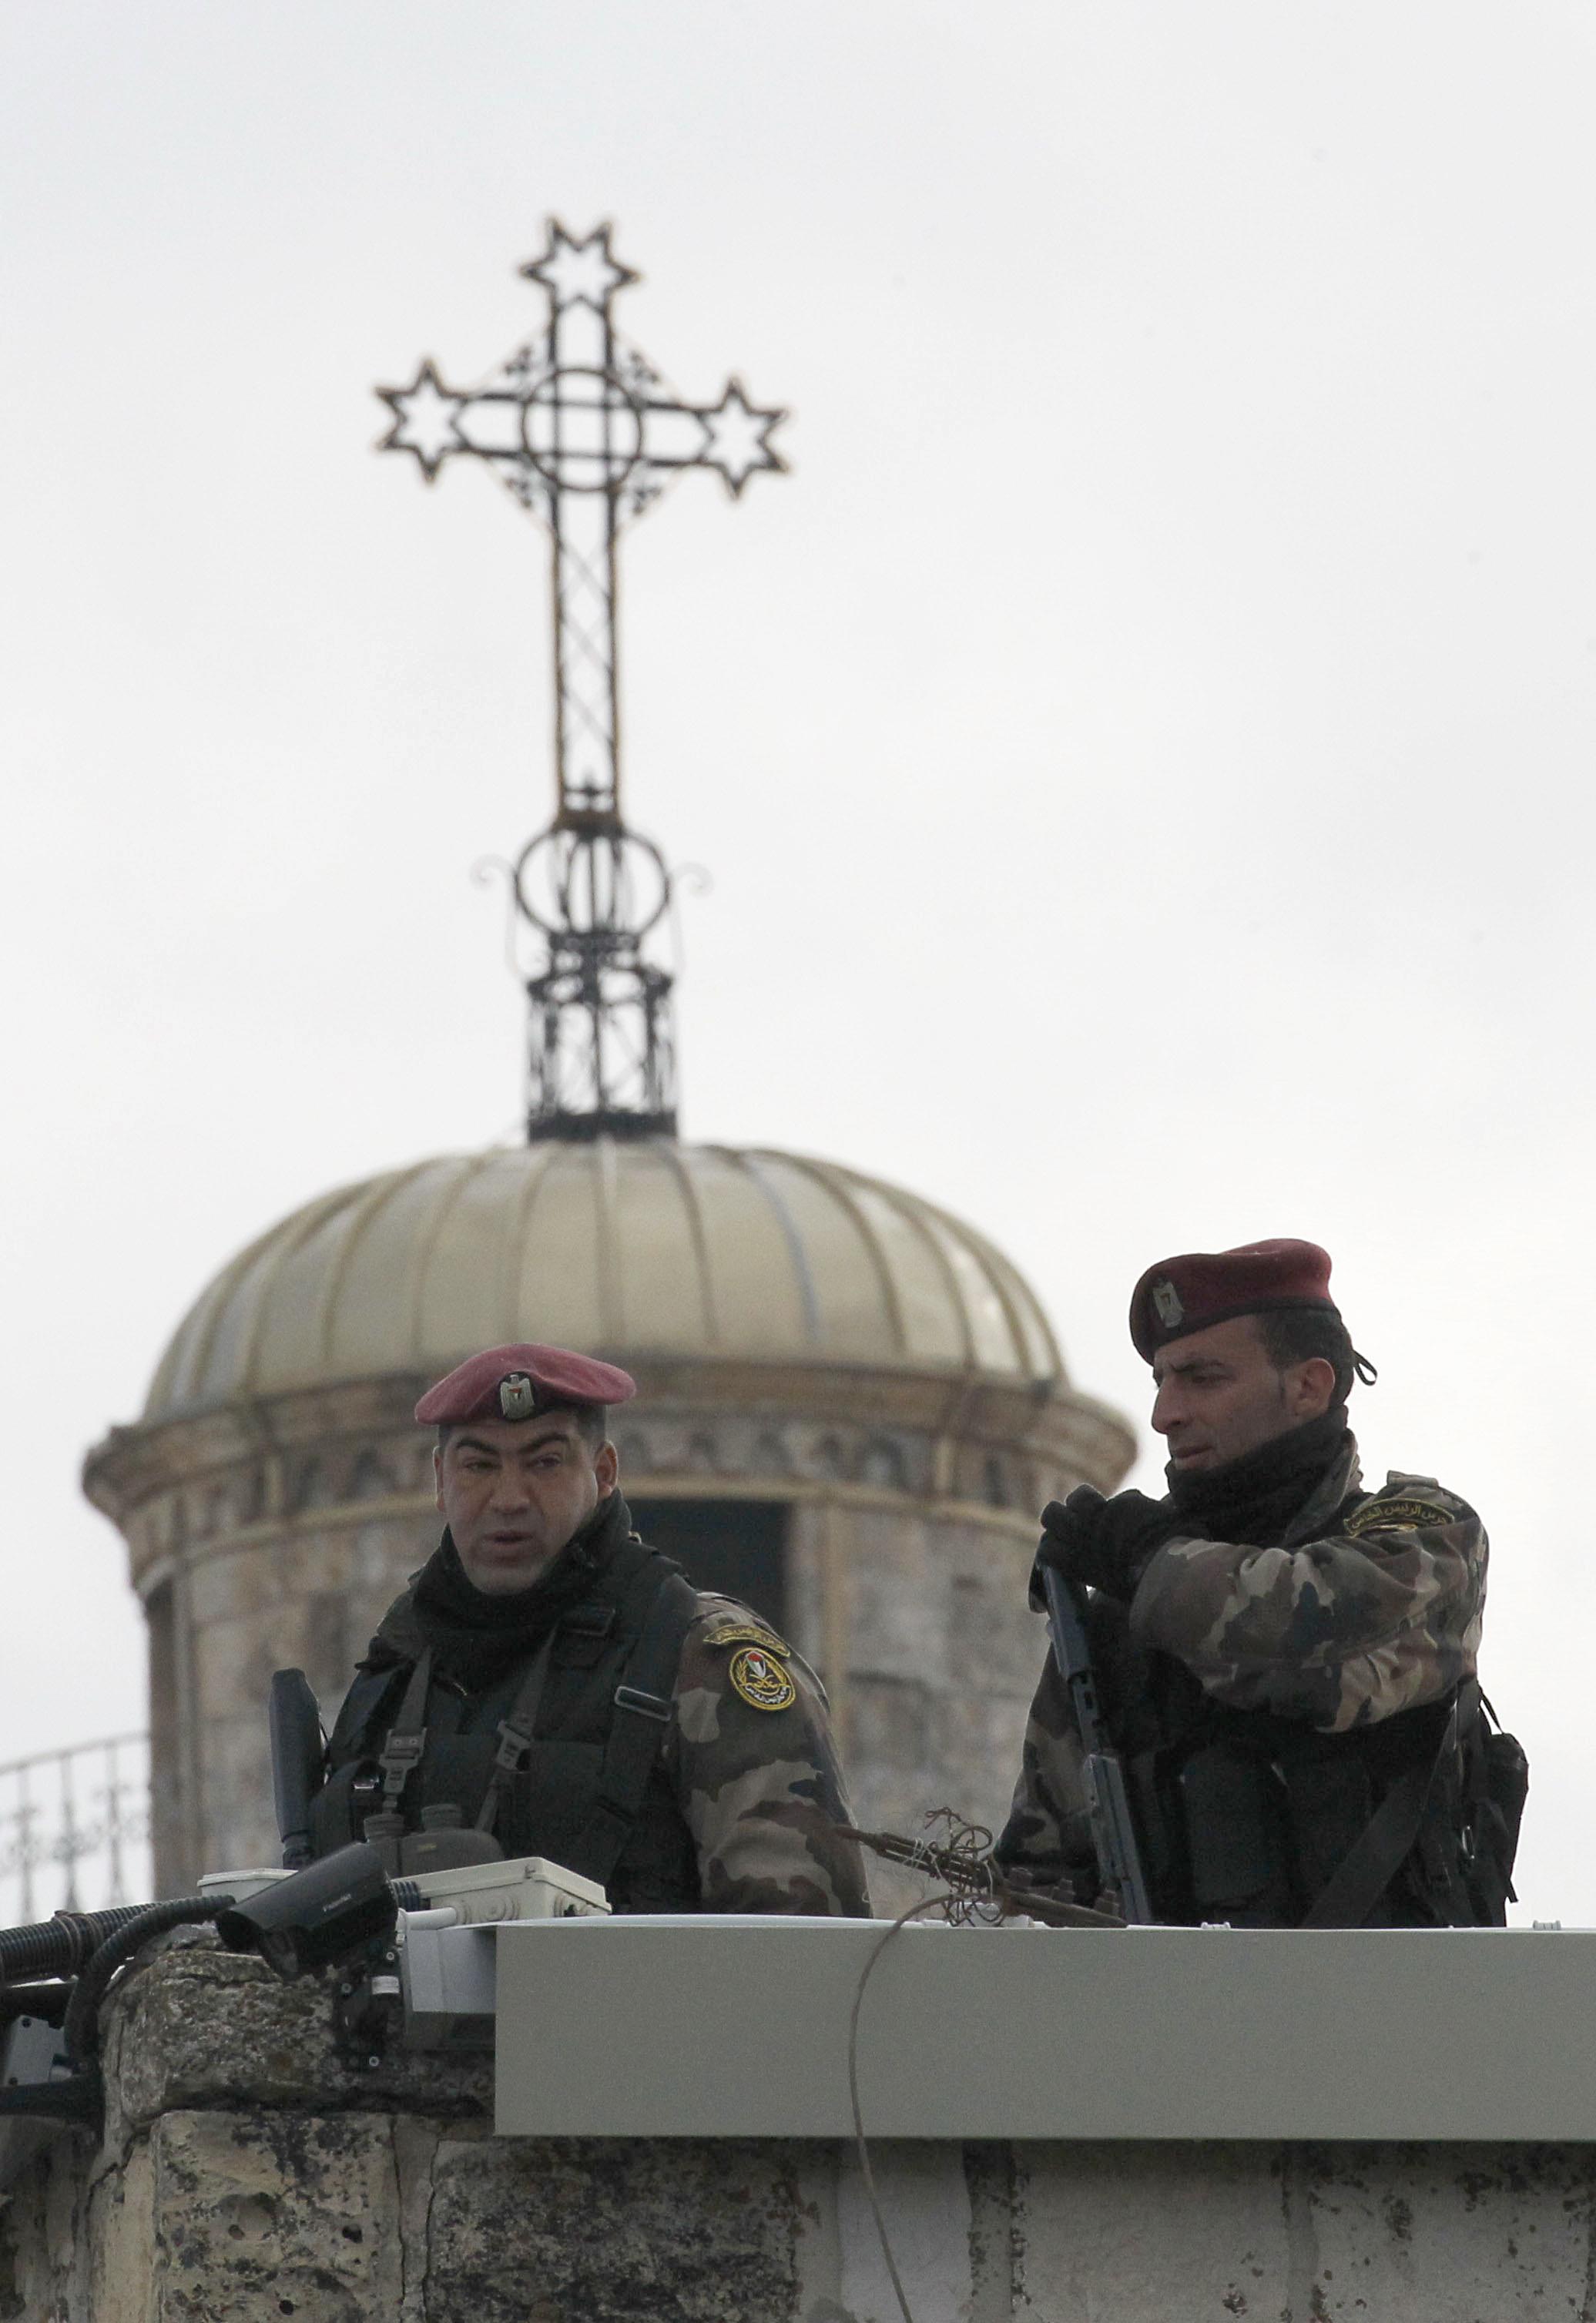 إجراءات أمنية ترافق الاحتفالات في بيت لحم